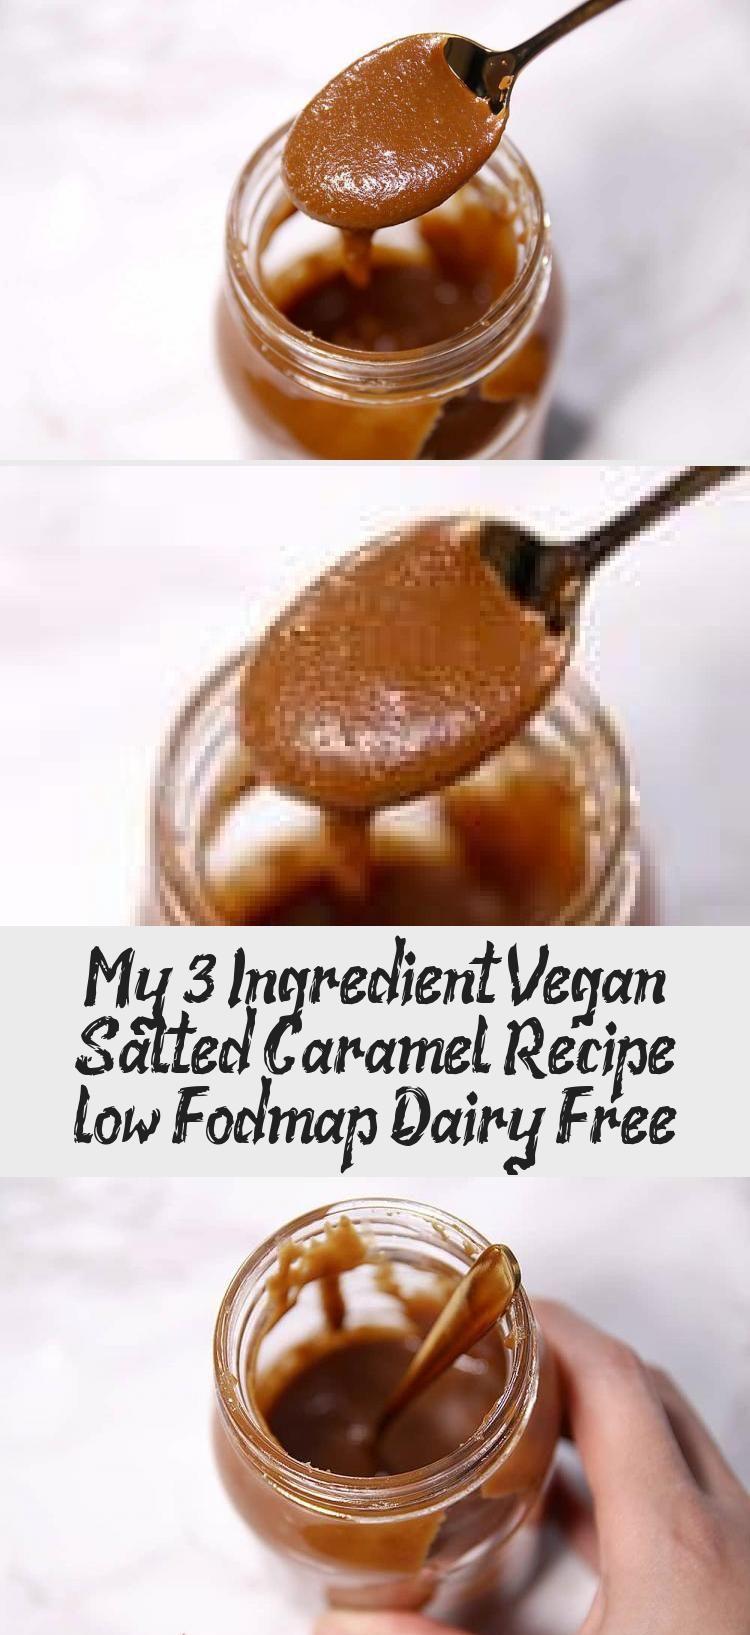 My 3 Ingredient Vegan Salted Caramel Recipe Low Fodmap Dairy